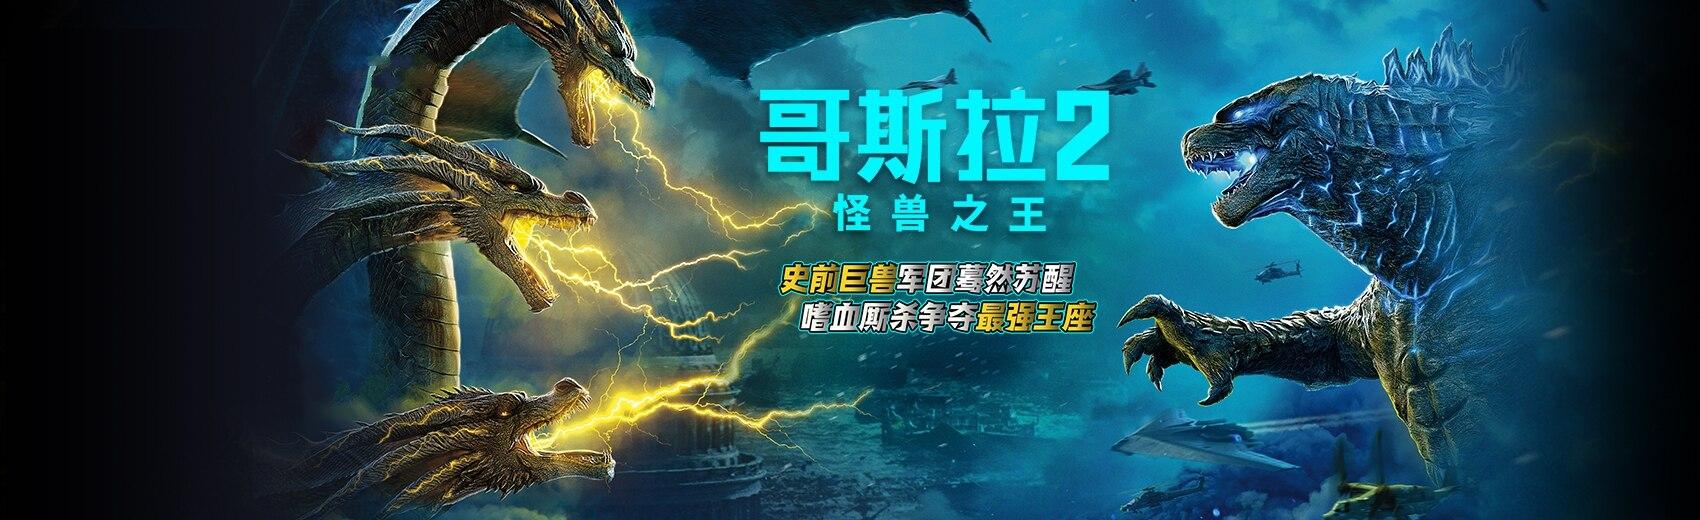 淘电影-淘淘影院-淘影网-免vip在线观看 哥斯拉2:怪兽之王